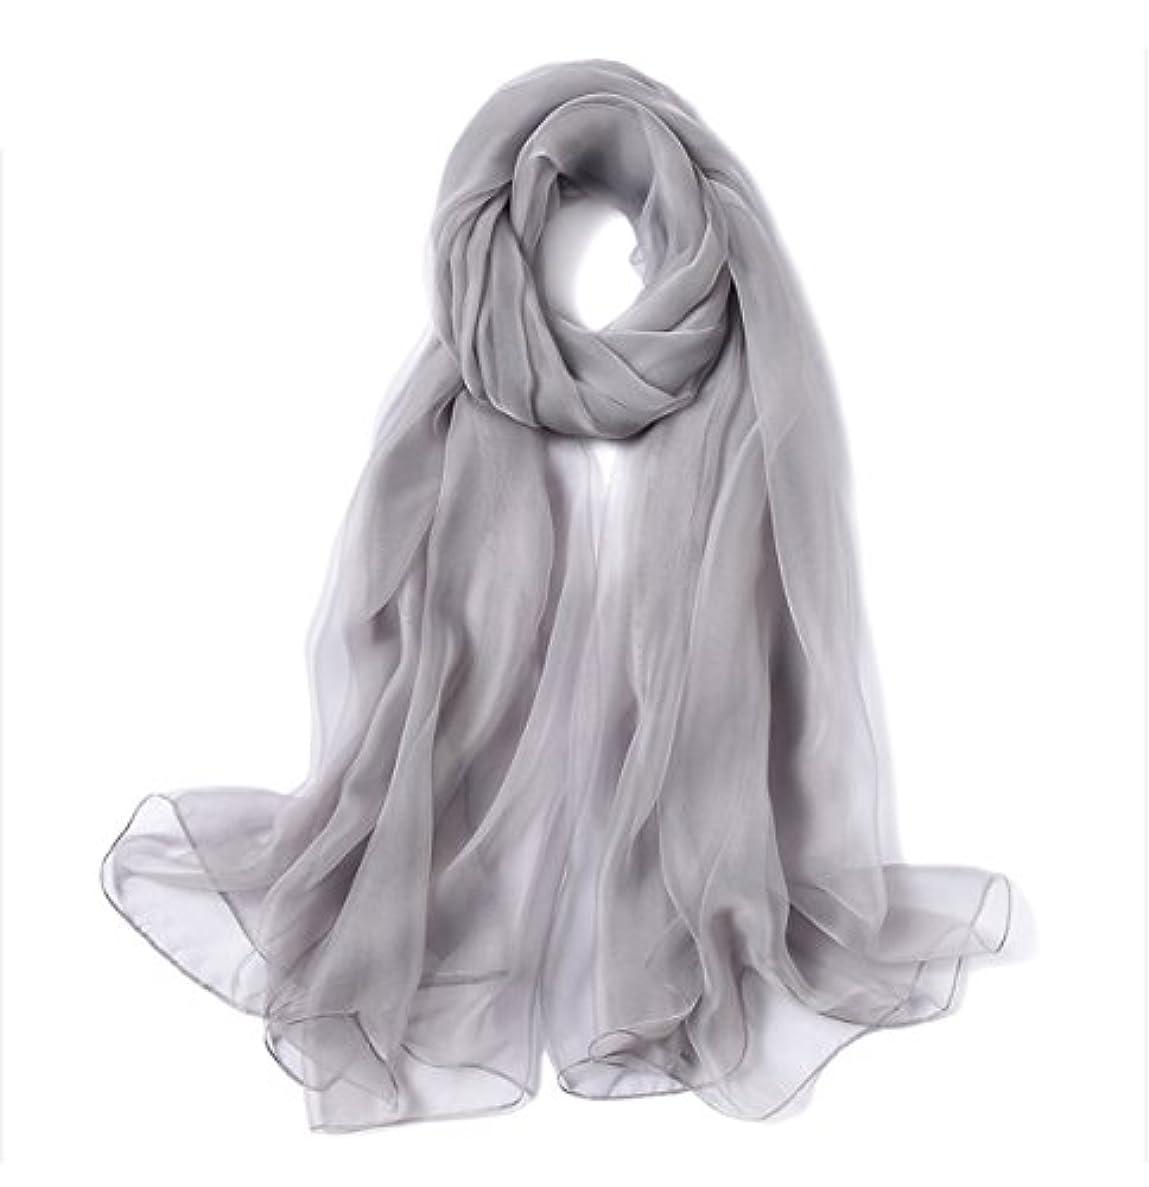 上がるパフ不快な女性の贈り物新しいレトロかわいいカジュアルシフォンビーチ旅行長方形ソリッドカラースカーフスカーフさんギフト ( Color : Gray )